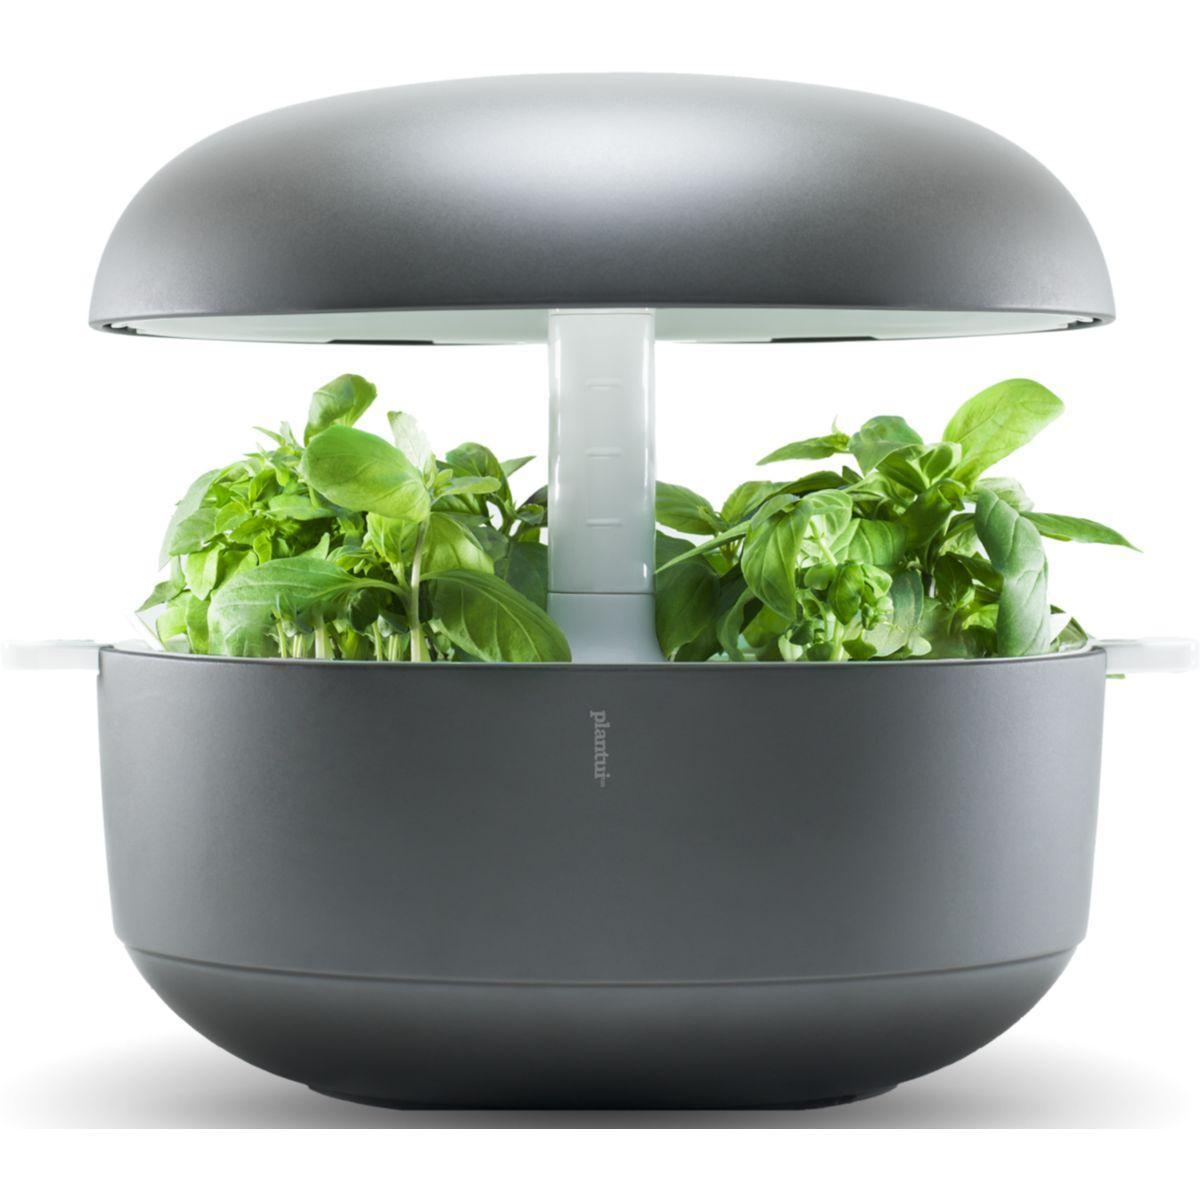 Jardin d'int�rieur plantui 6 smart garden gris - 15% de remise imm�diate avec le code : priv15 (photo)